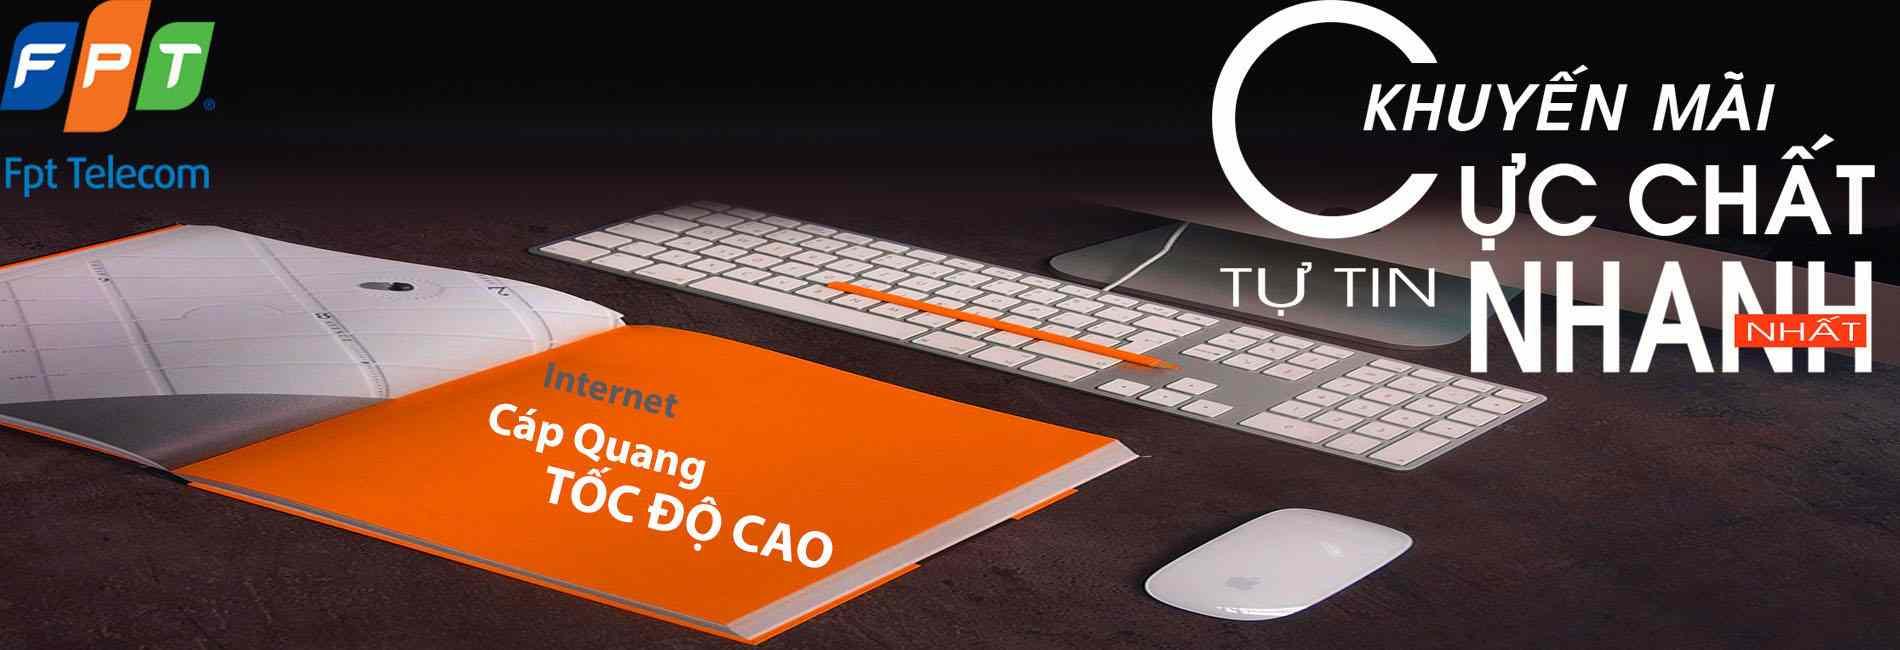 khuyến mãi đăng ký lắp mạng Fpt tại Hà Nội